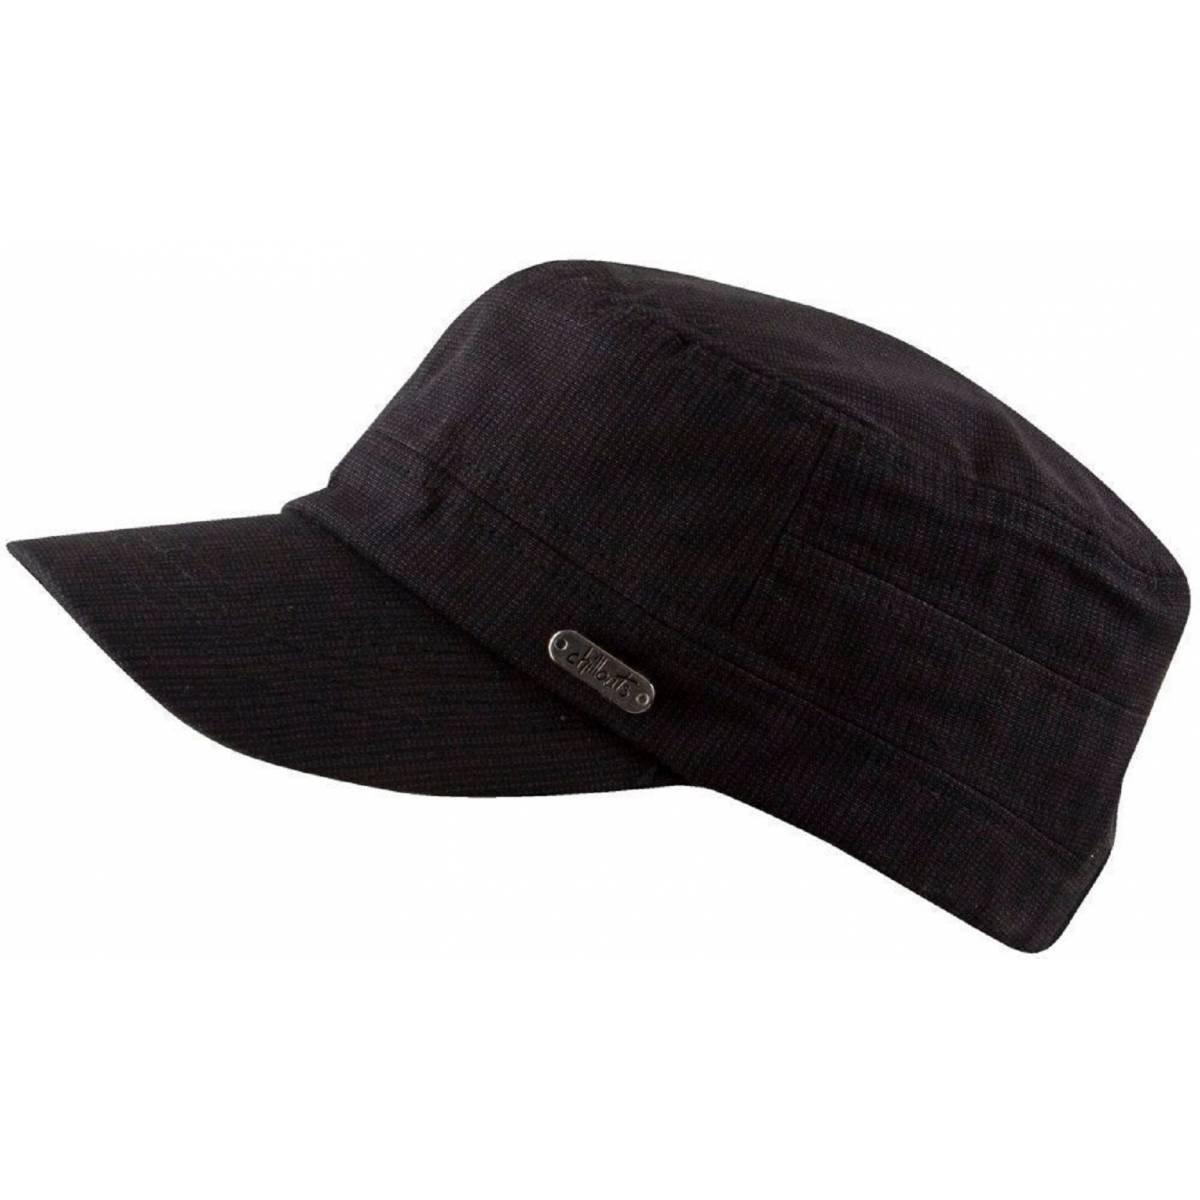 Chillouts Katmandú tiene sol Cap Hombre y Mujer en el color negro.